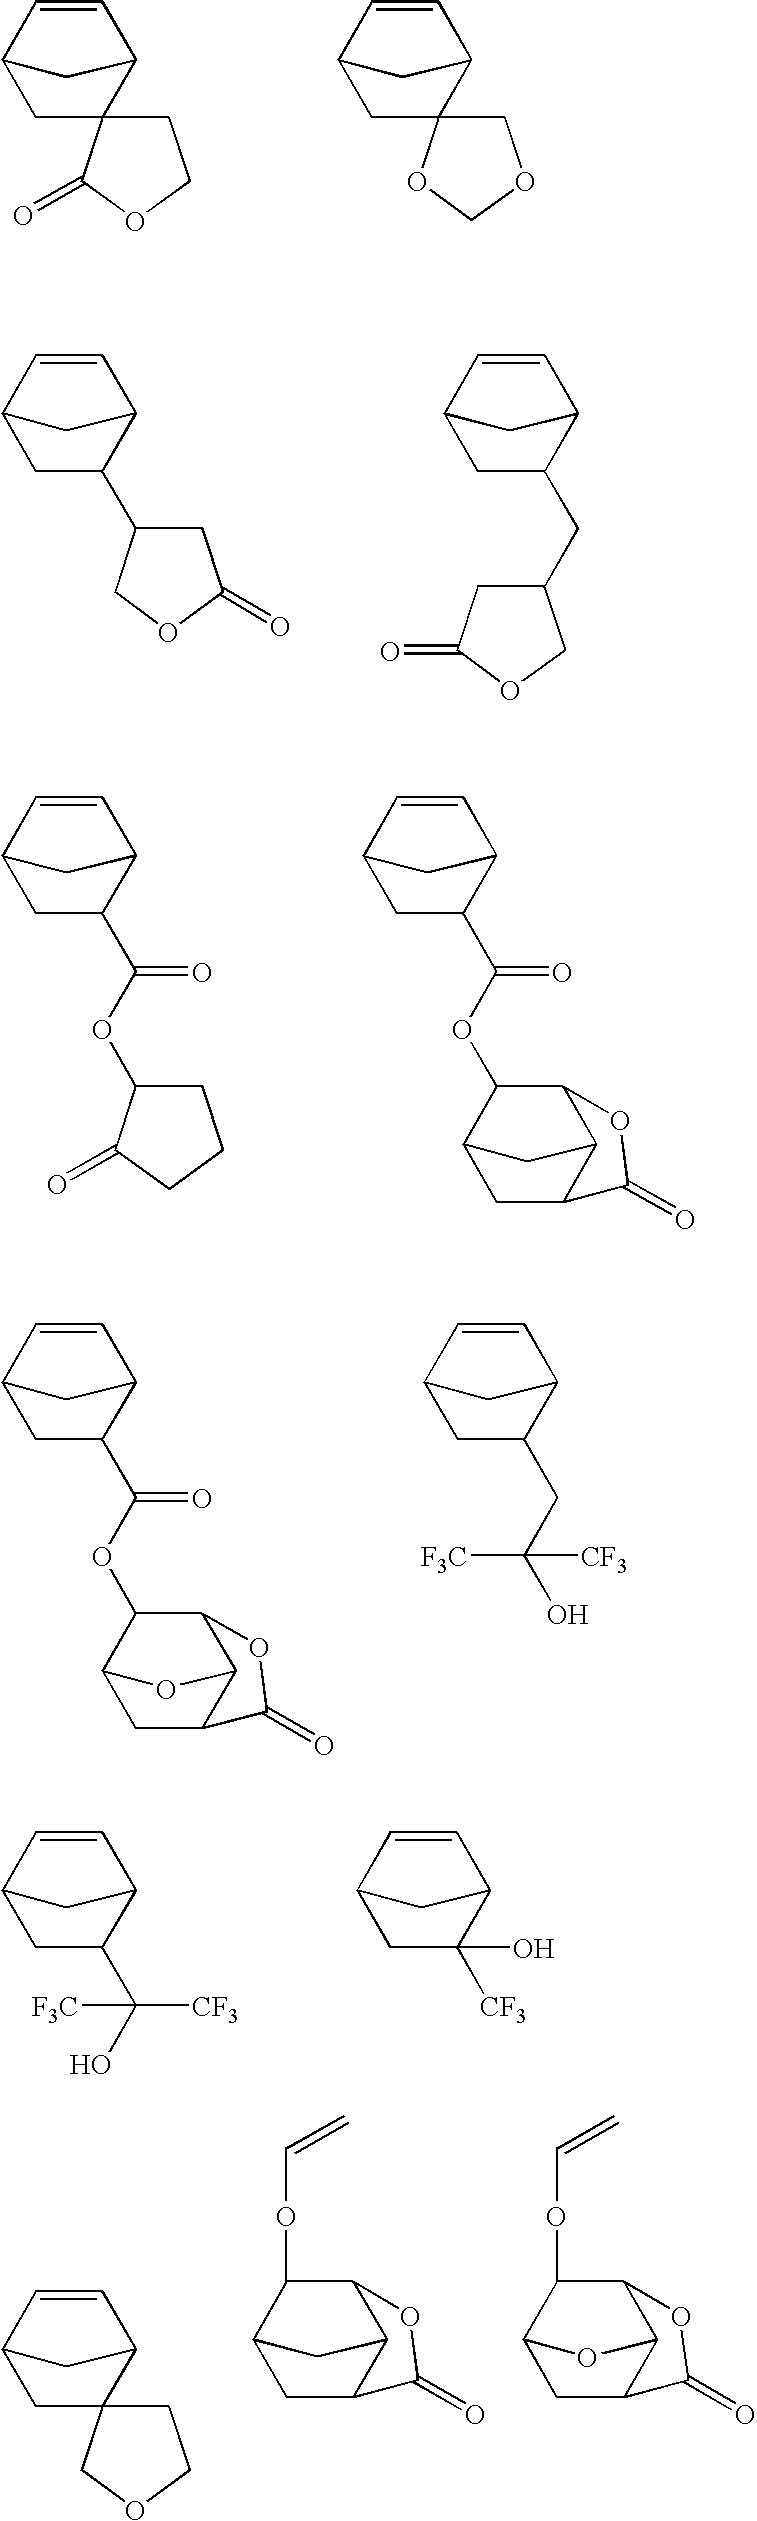 Figure US07368218-20080506-C00036